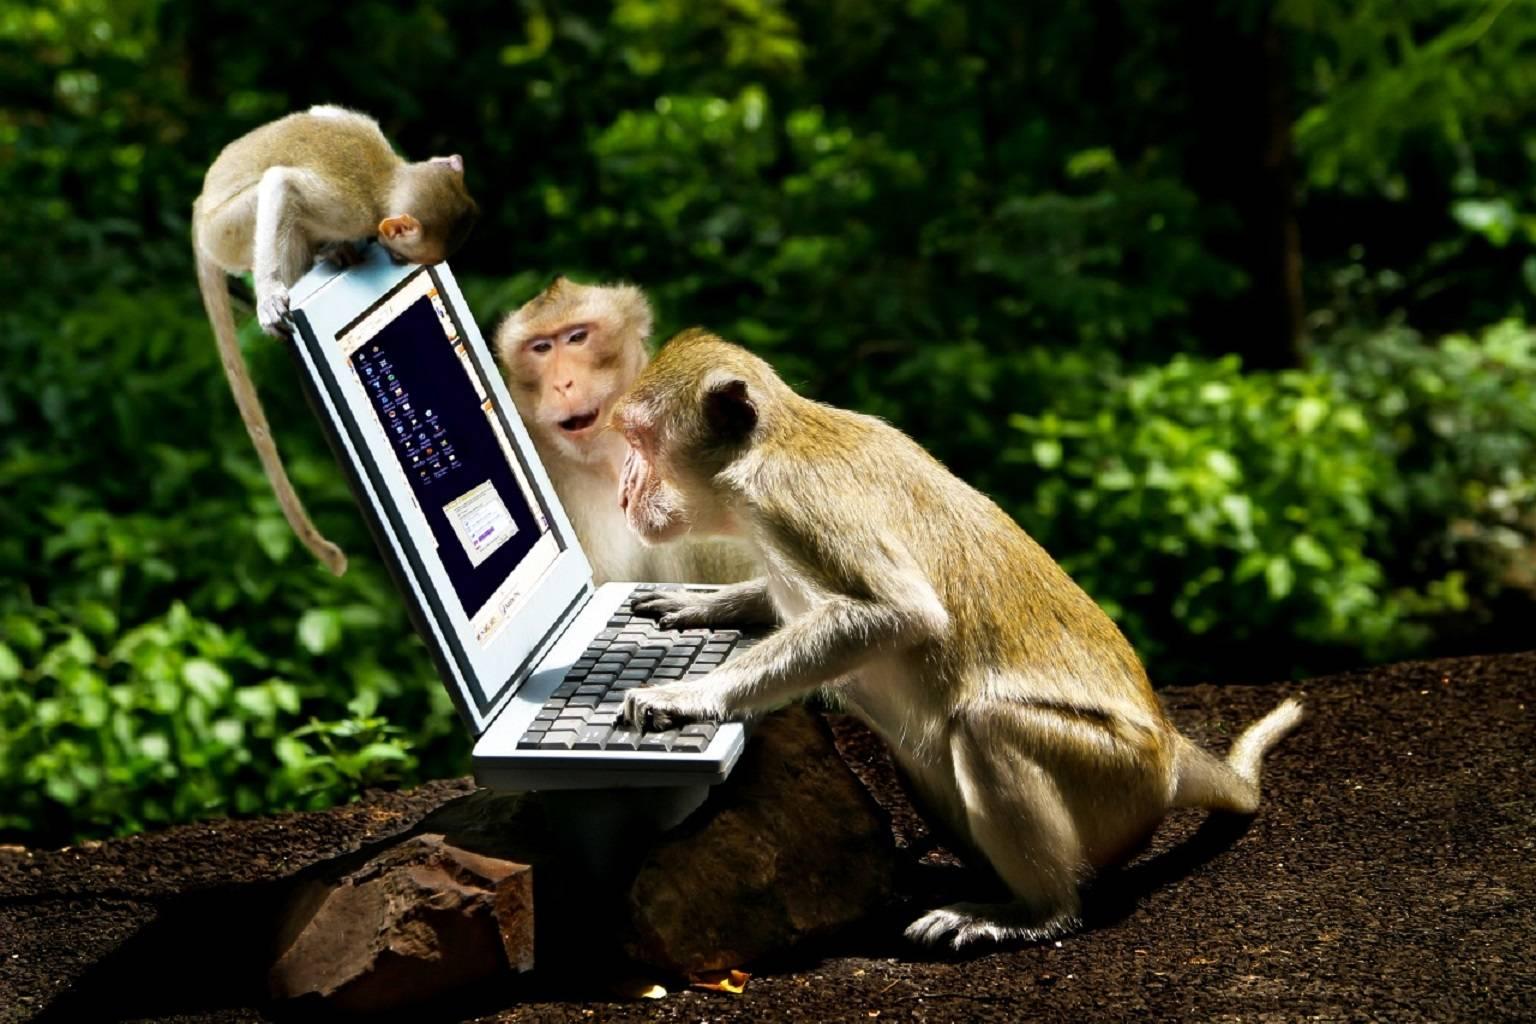 Zedge Monkeys